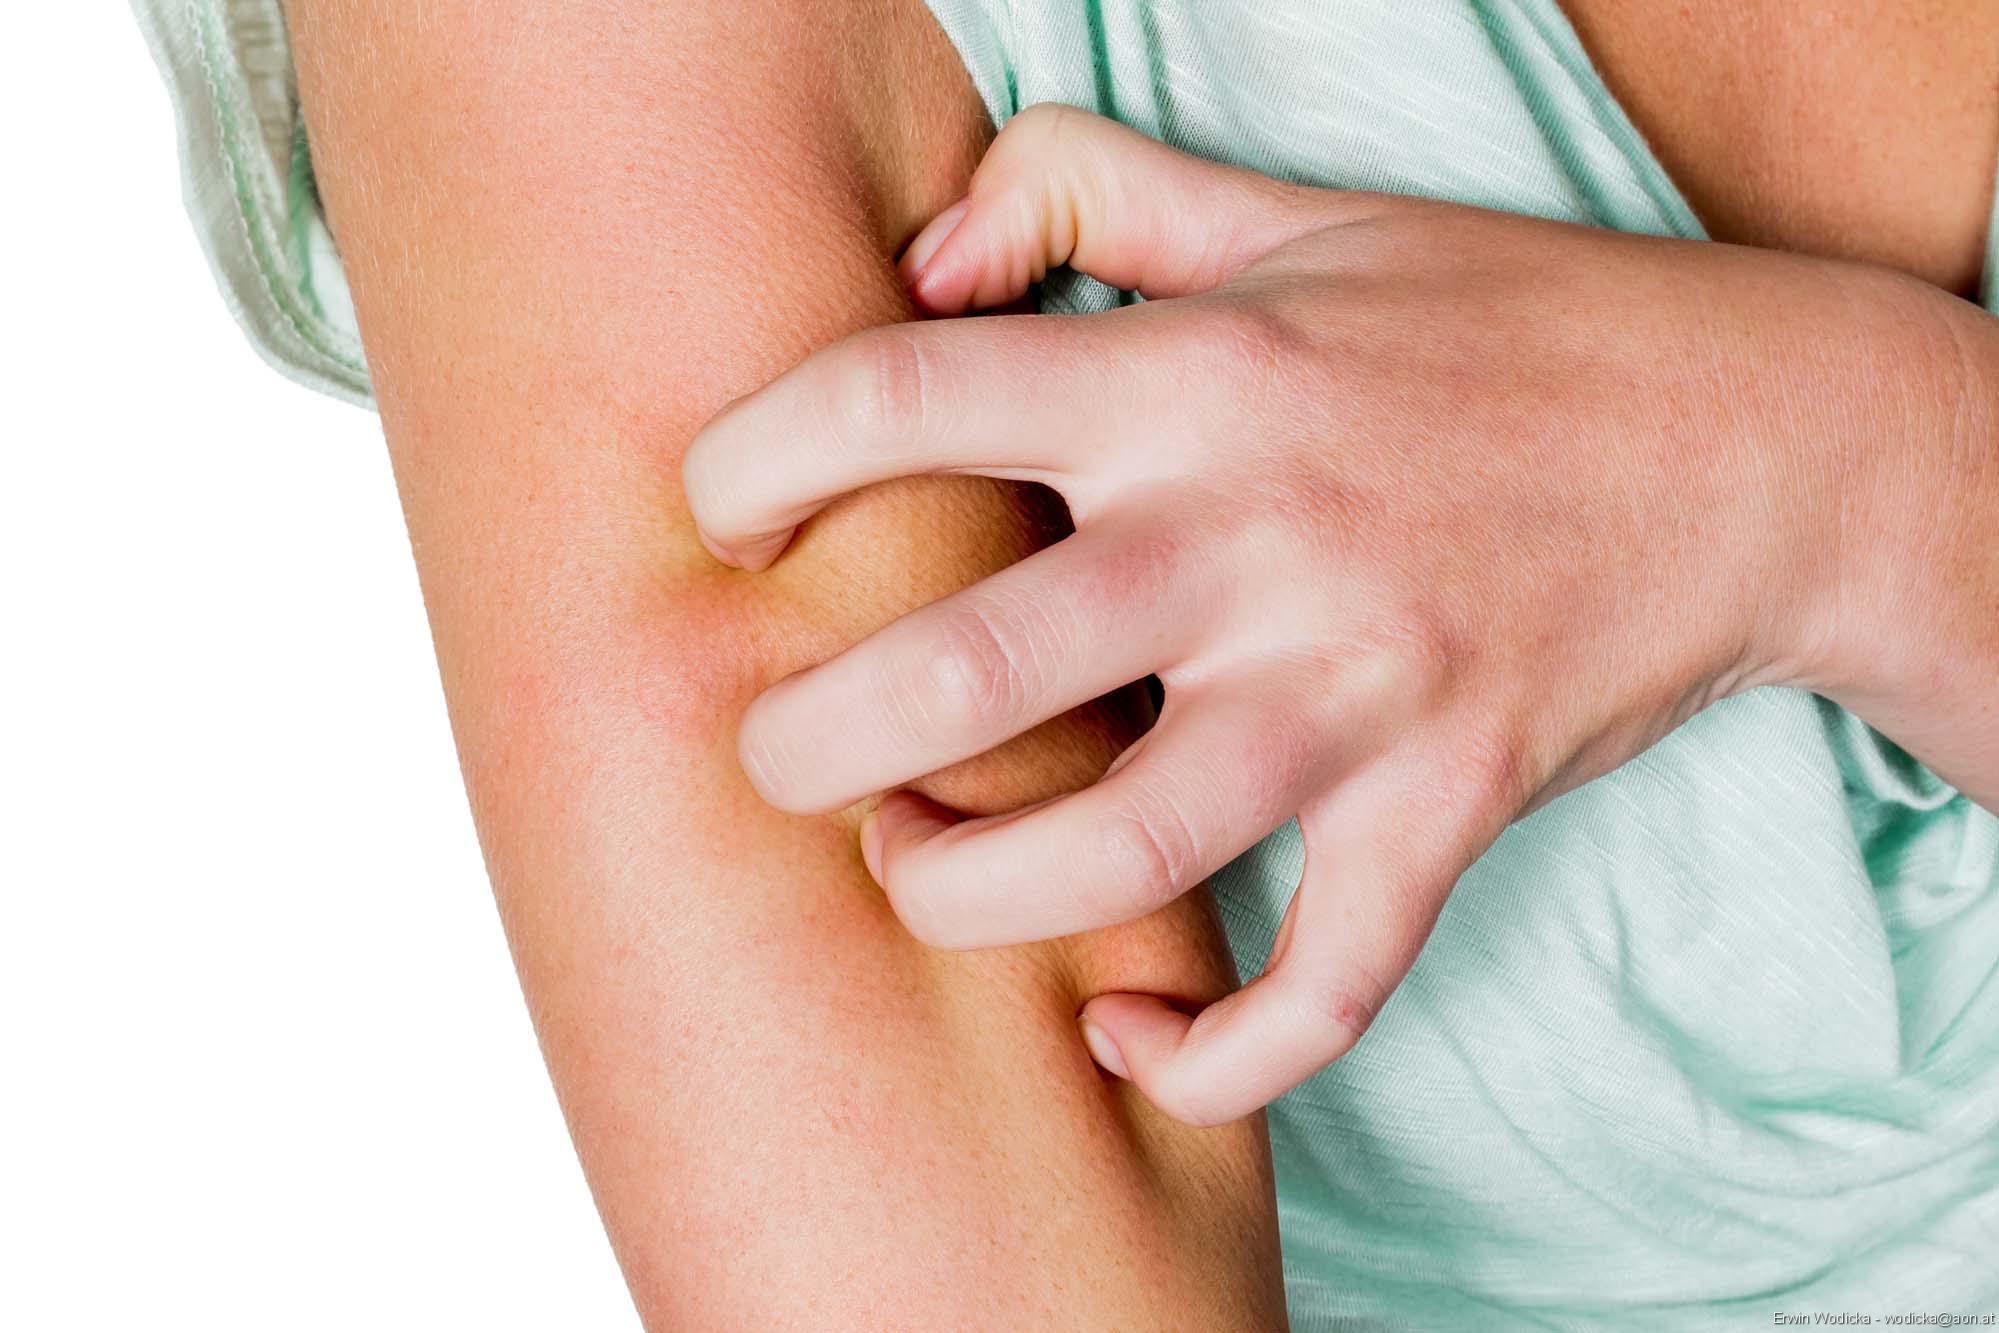 Hautkrankheit mit chronischem Juckreiz, Schuppenflechte, Neurodermitis: Katzen der juckenden Haut